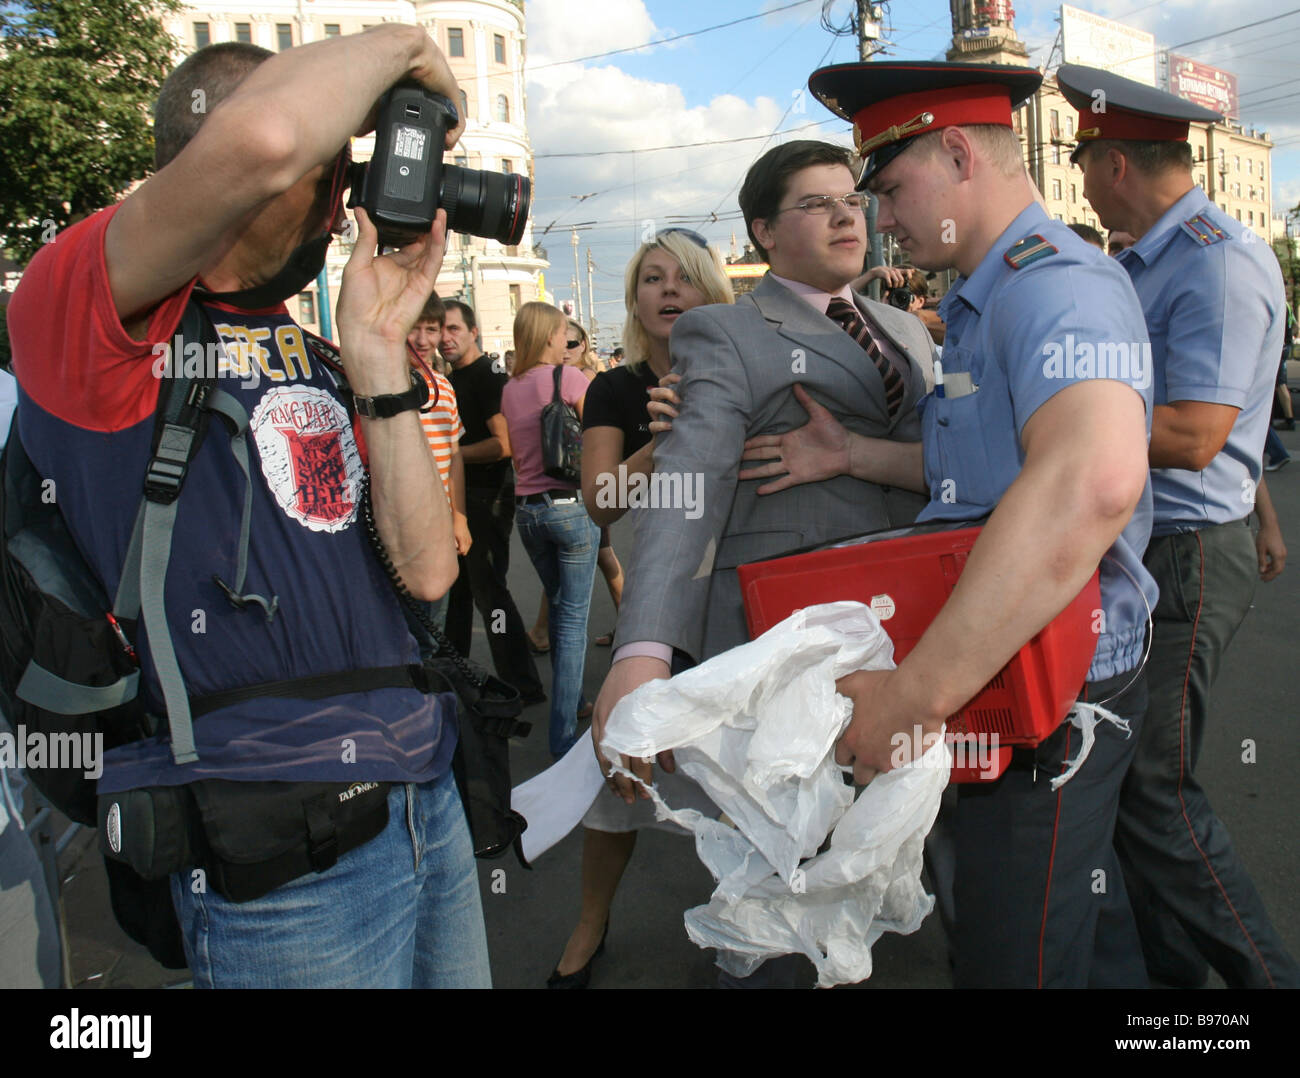 Polizei zu konfrontieren, Streikposten in einer öffentlichen Aktion der populären demokratischen Youth Stockbild